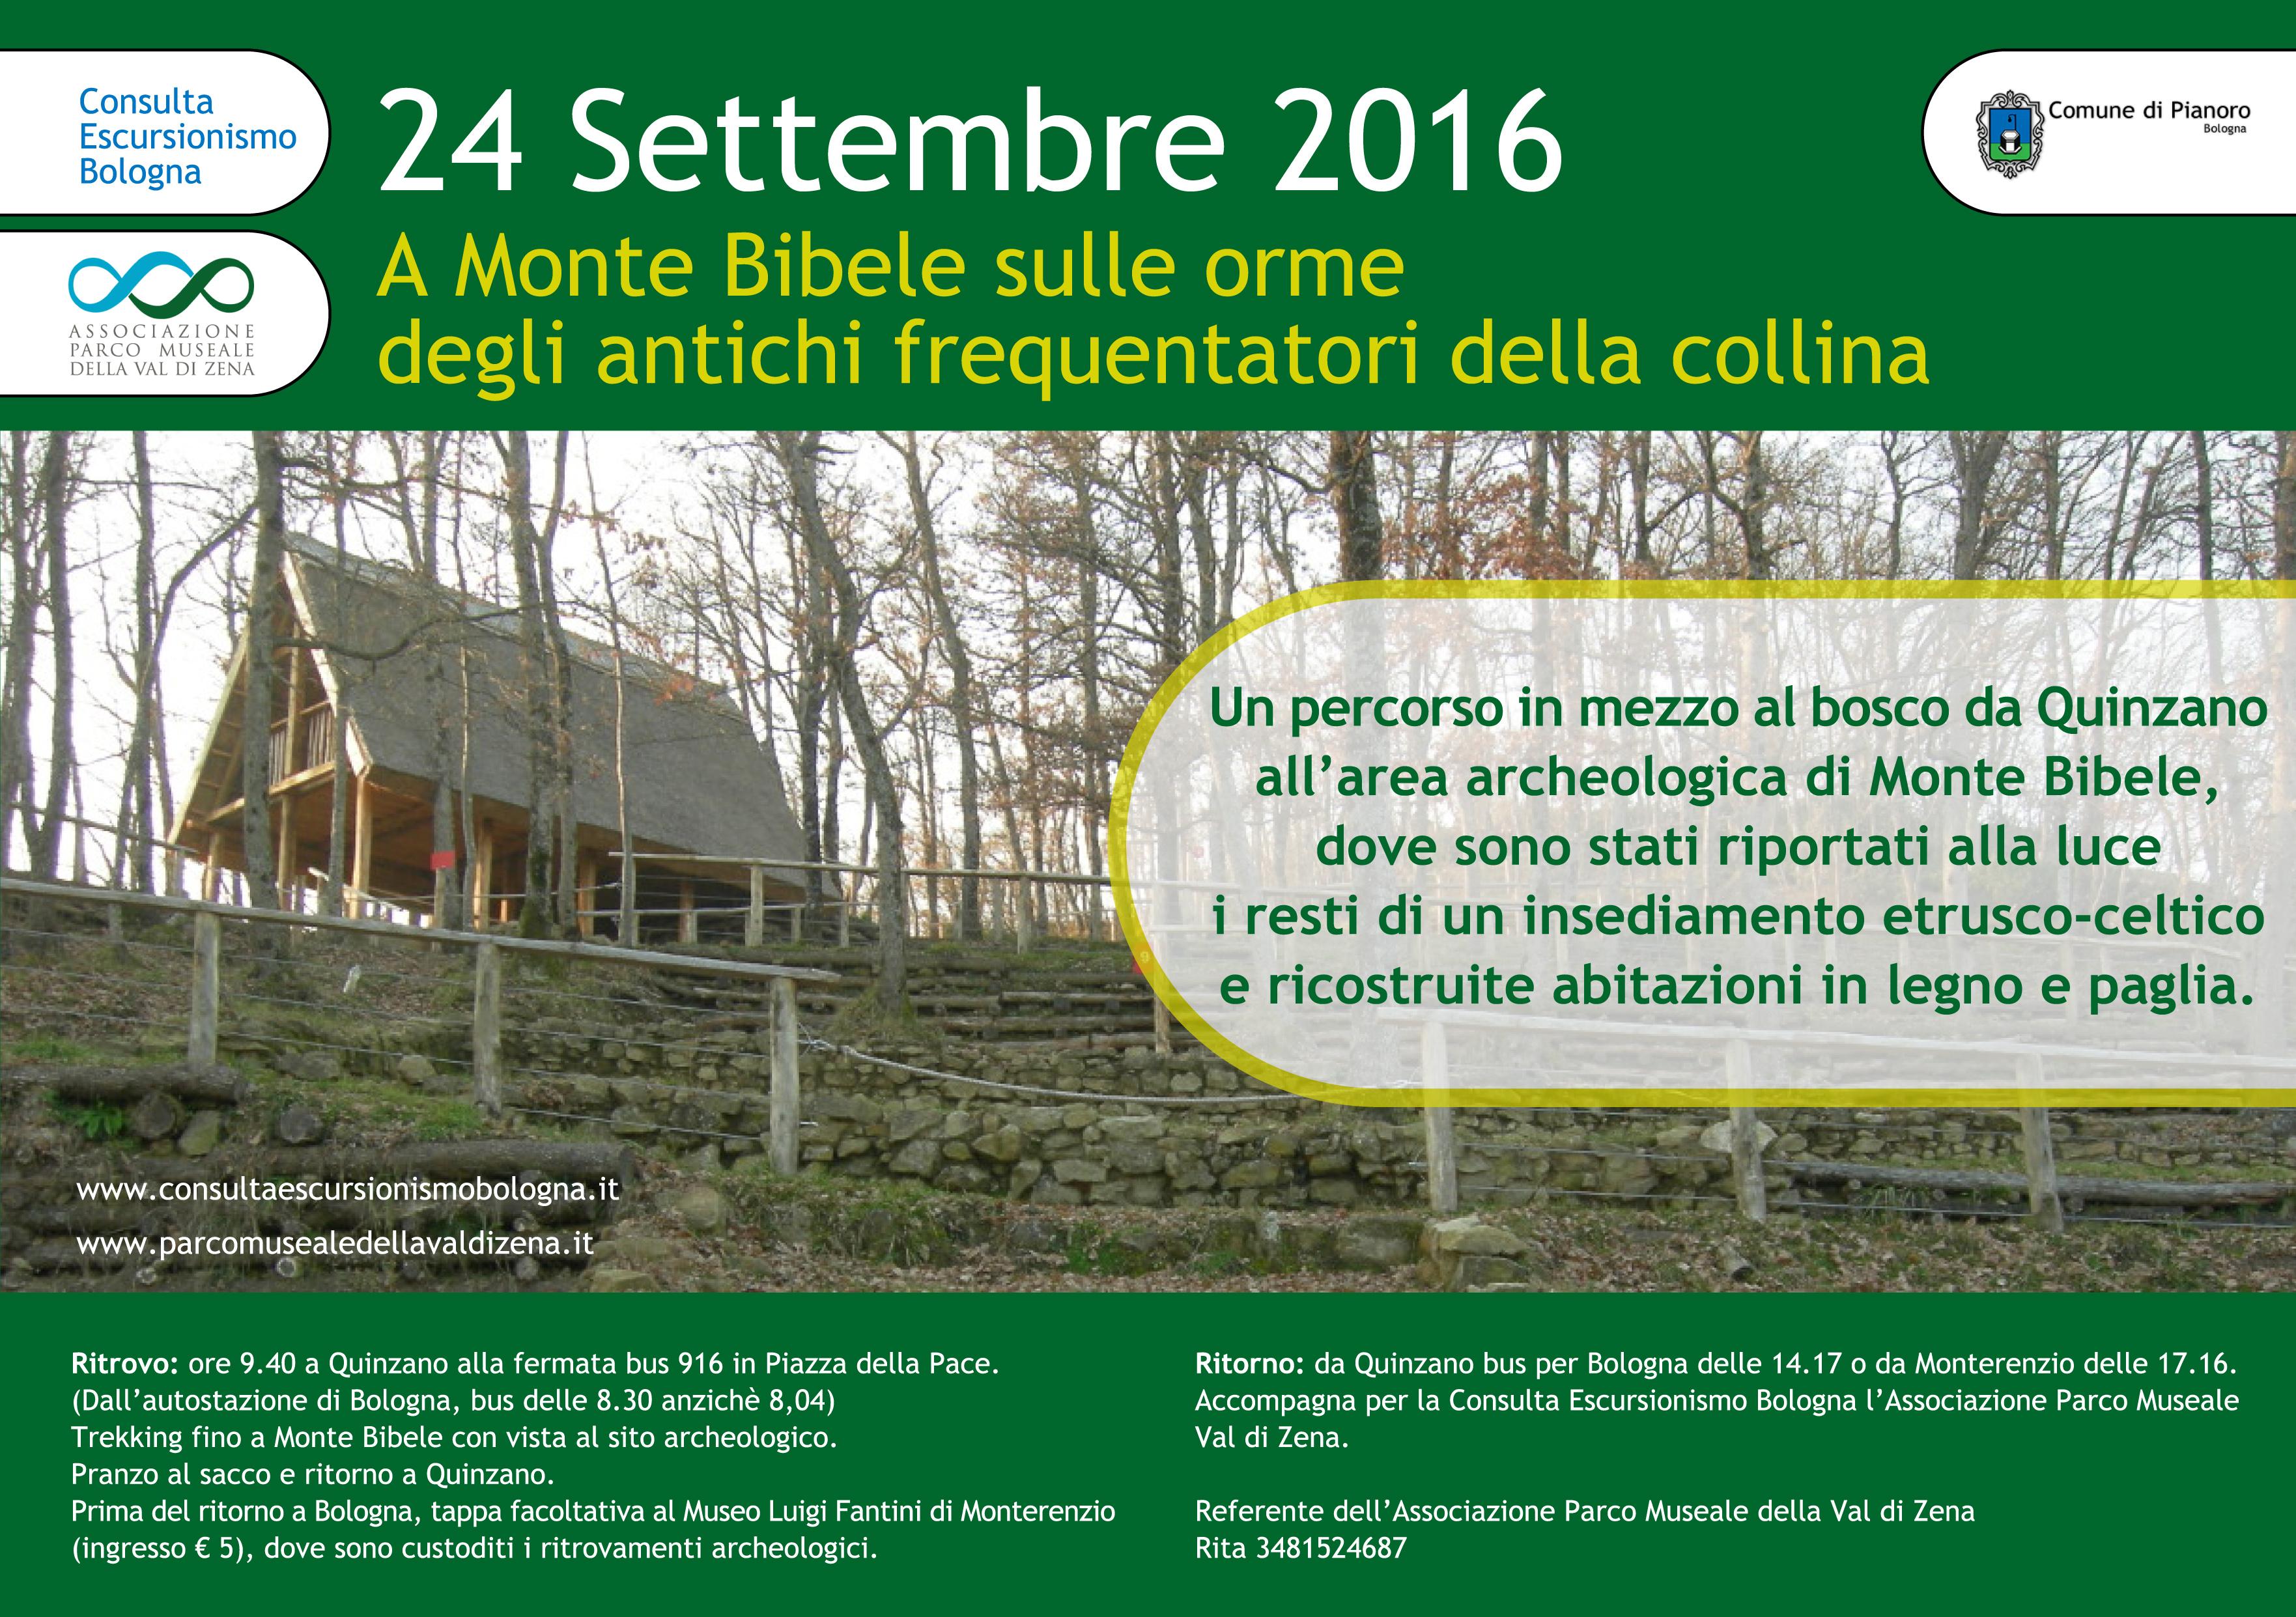 24 Settembre 2016 – Monte Bibele